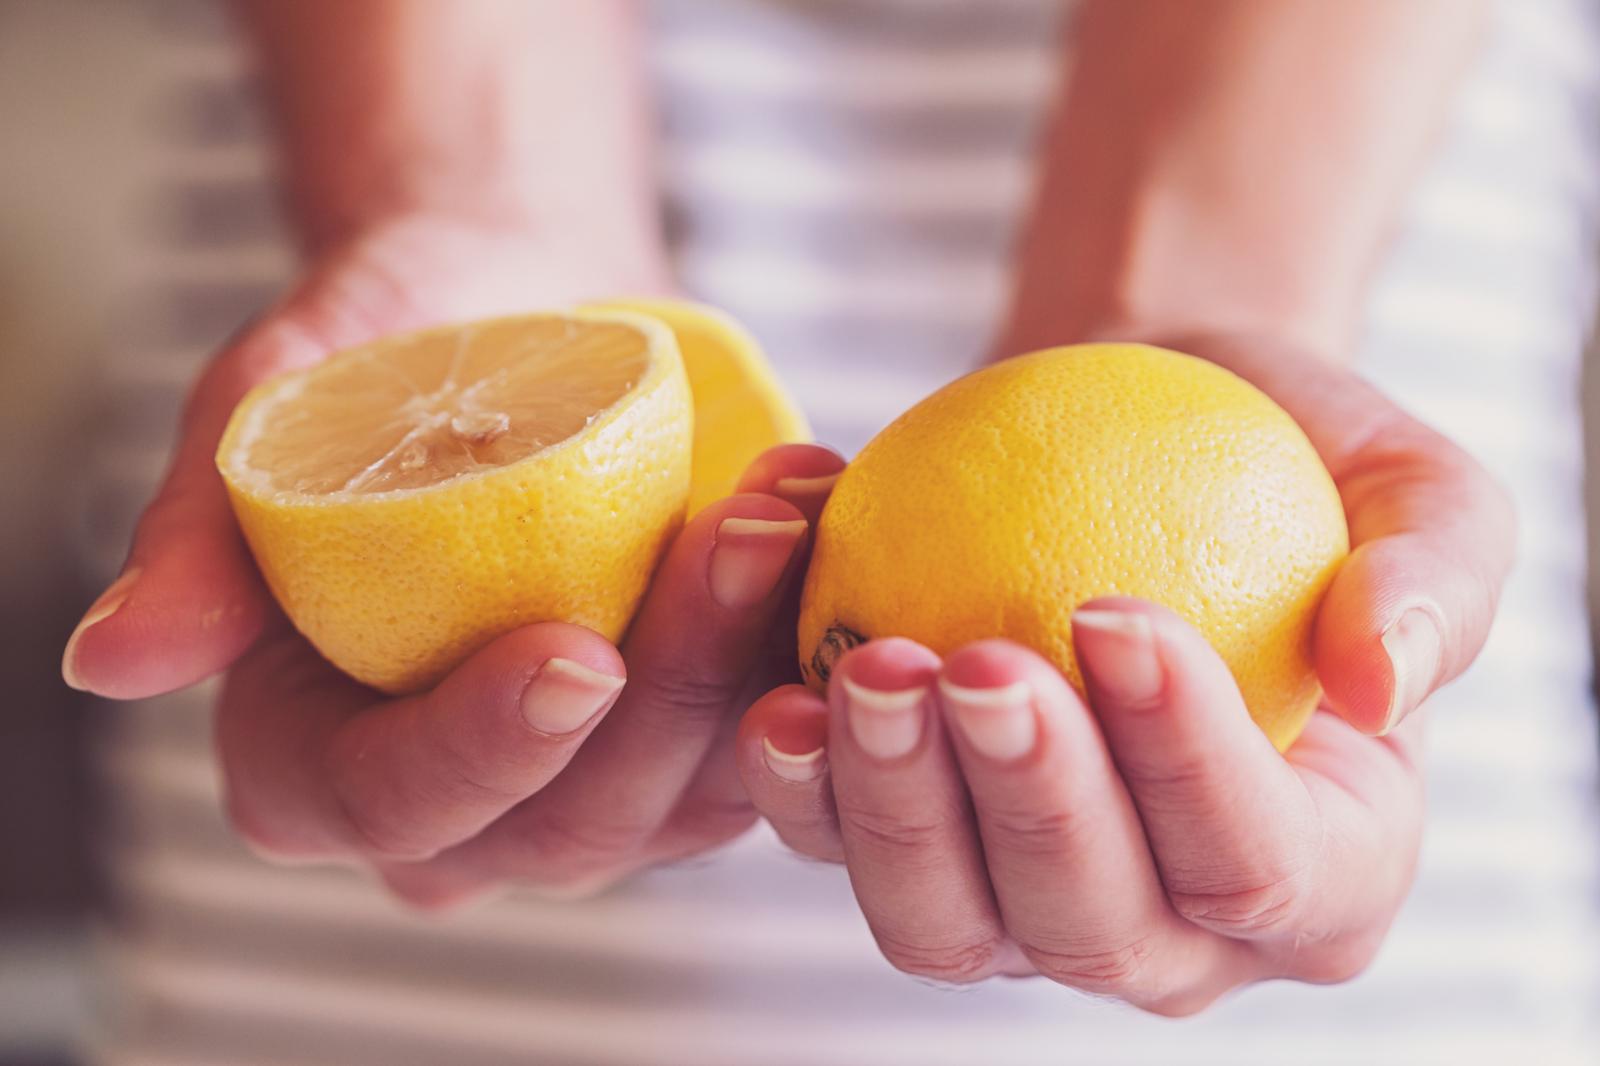 Ako limun koristite u jelu, piću ili ga stavljate na tijelo svakako birajte neprskani.